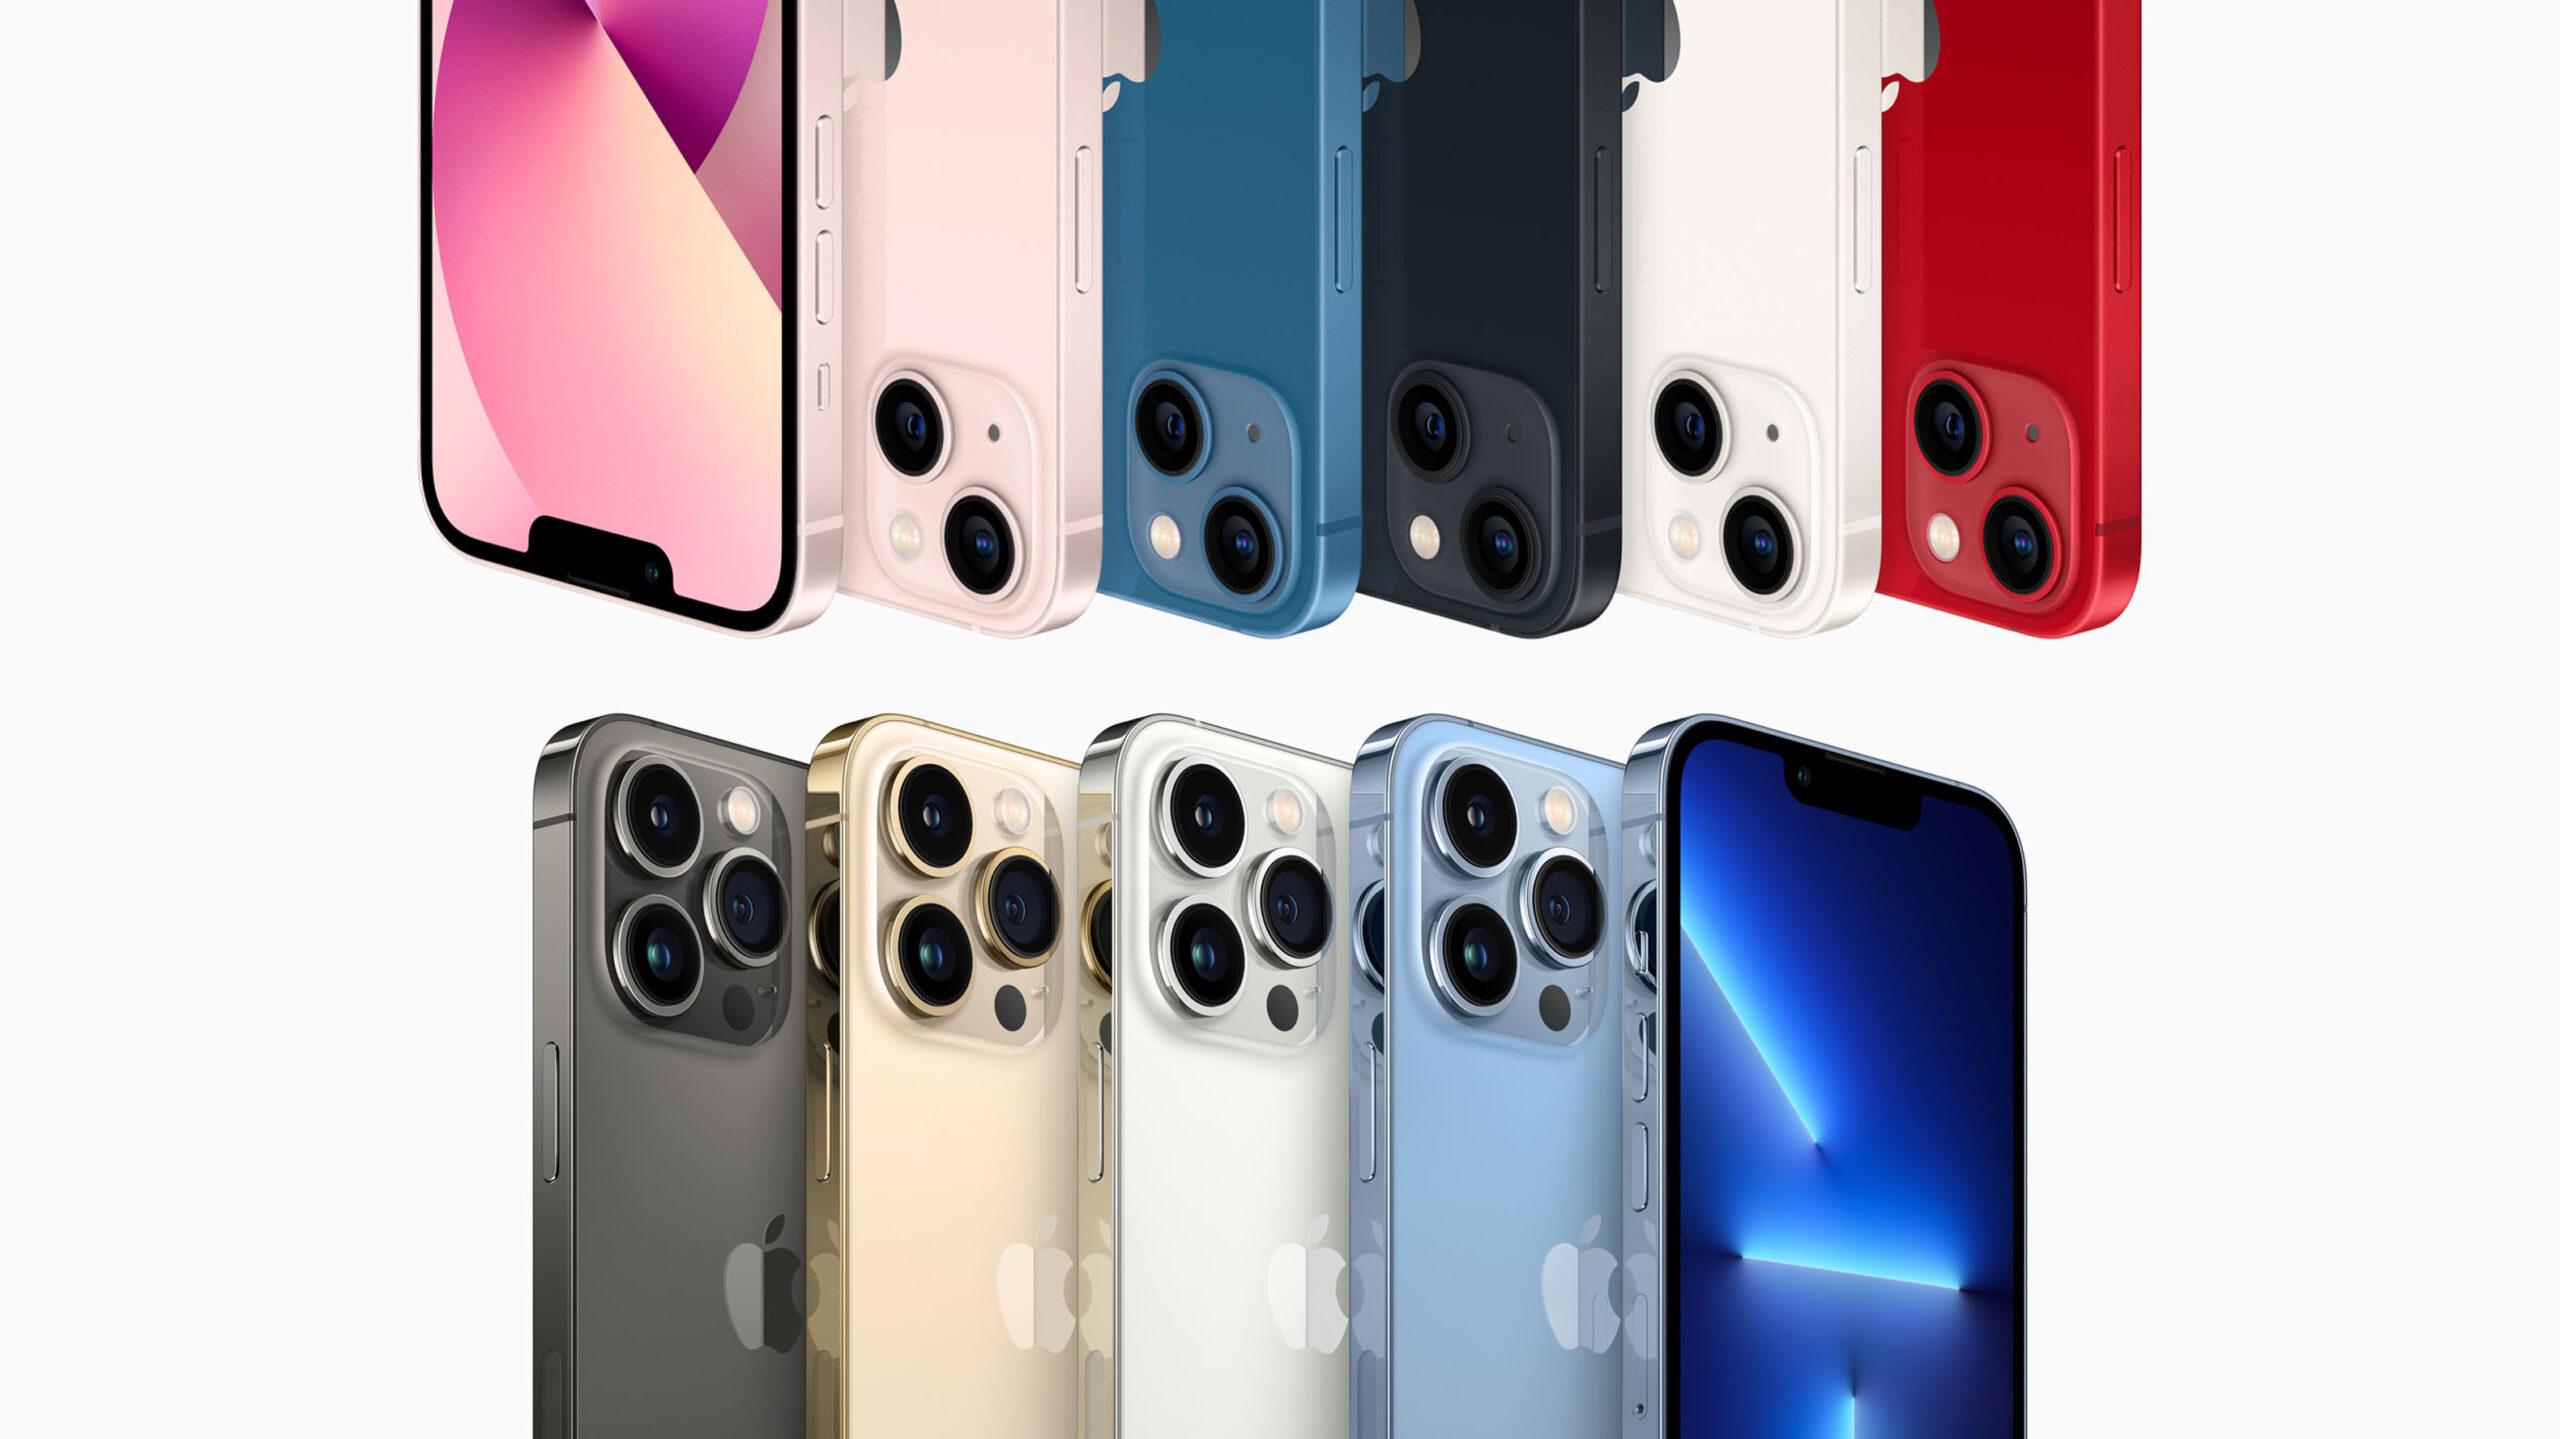 iPhone 13 line